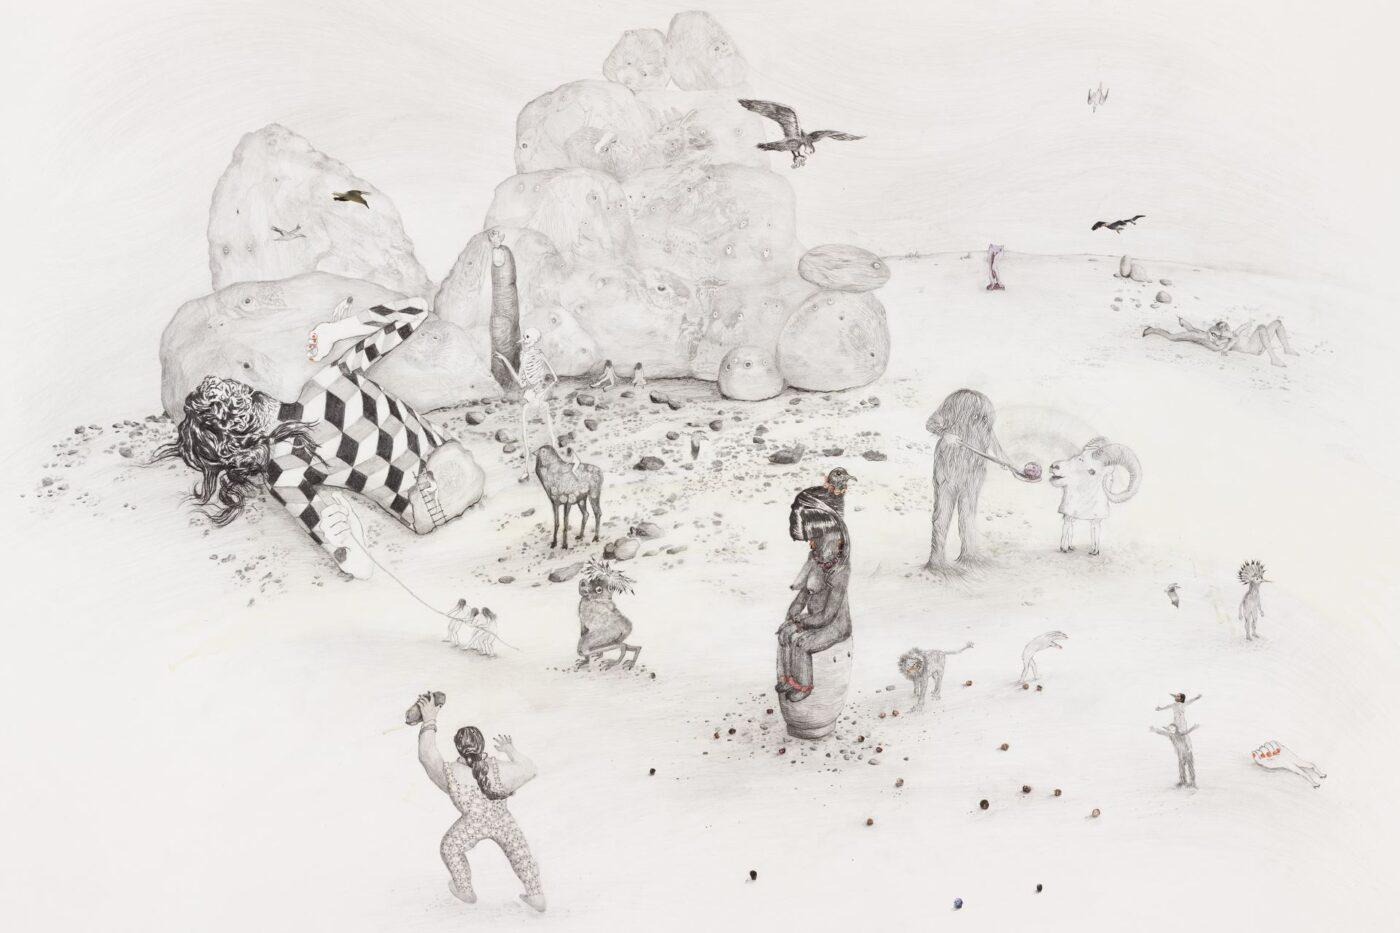 Annonce laureats 2013 – Karine Rougier / Clement Bagot